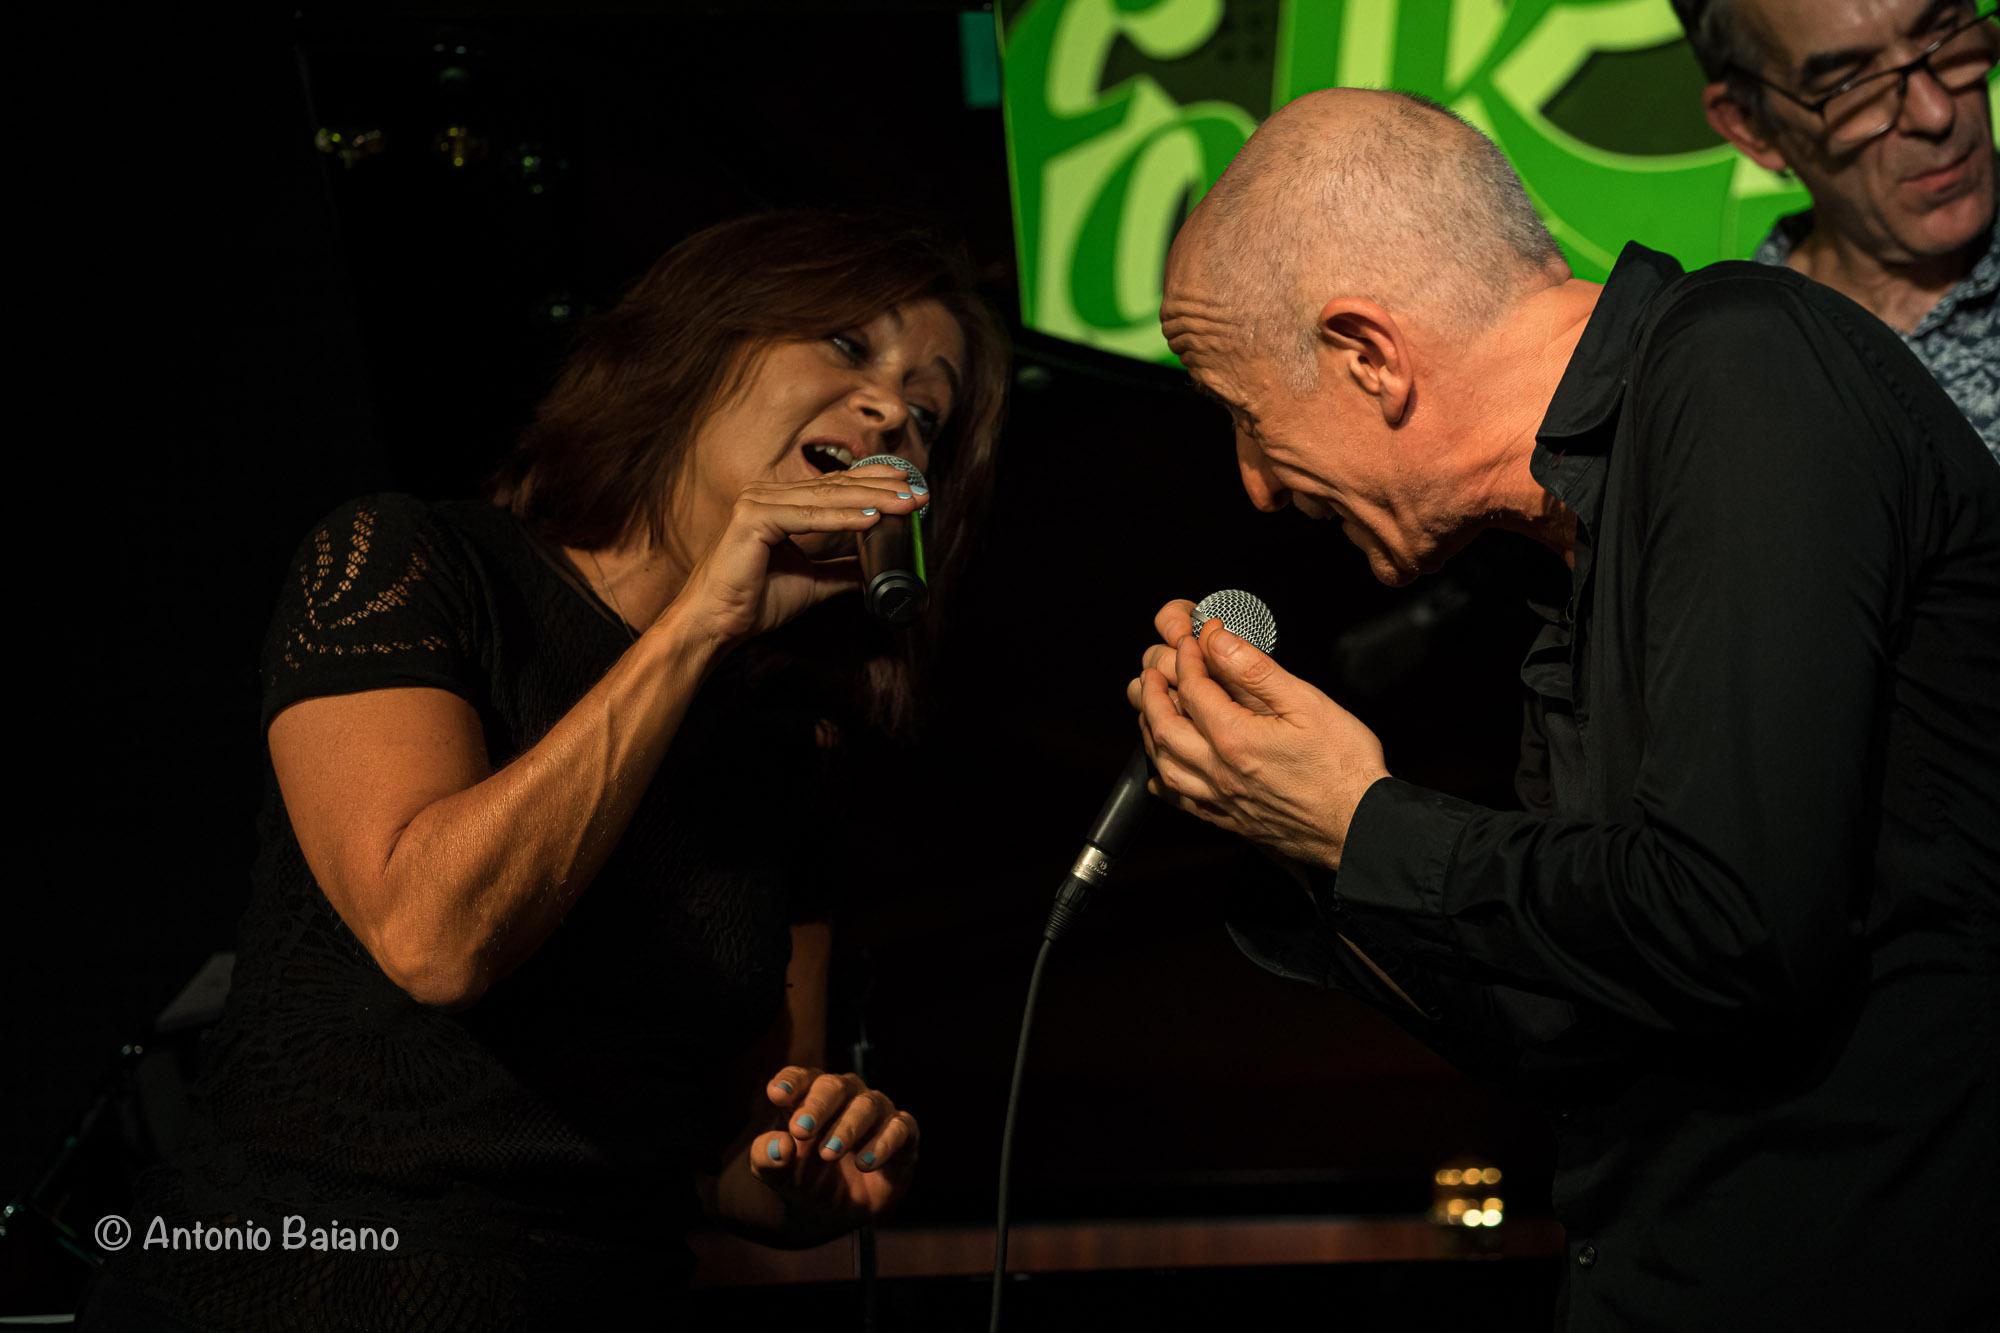 Barbara Raimondi and Peppe Servillo